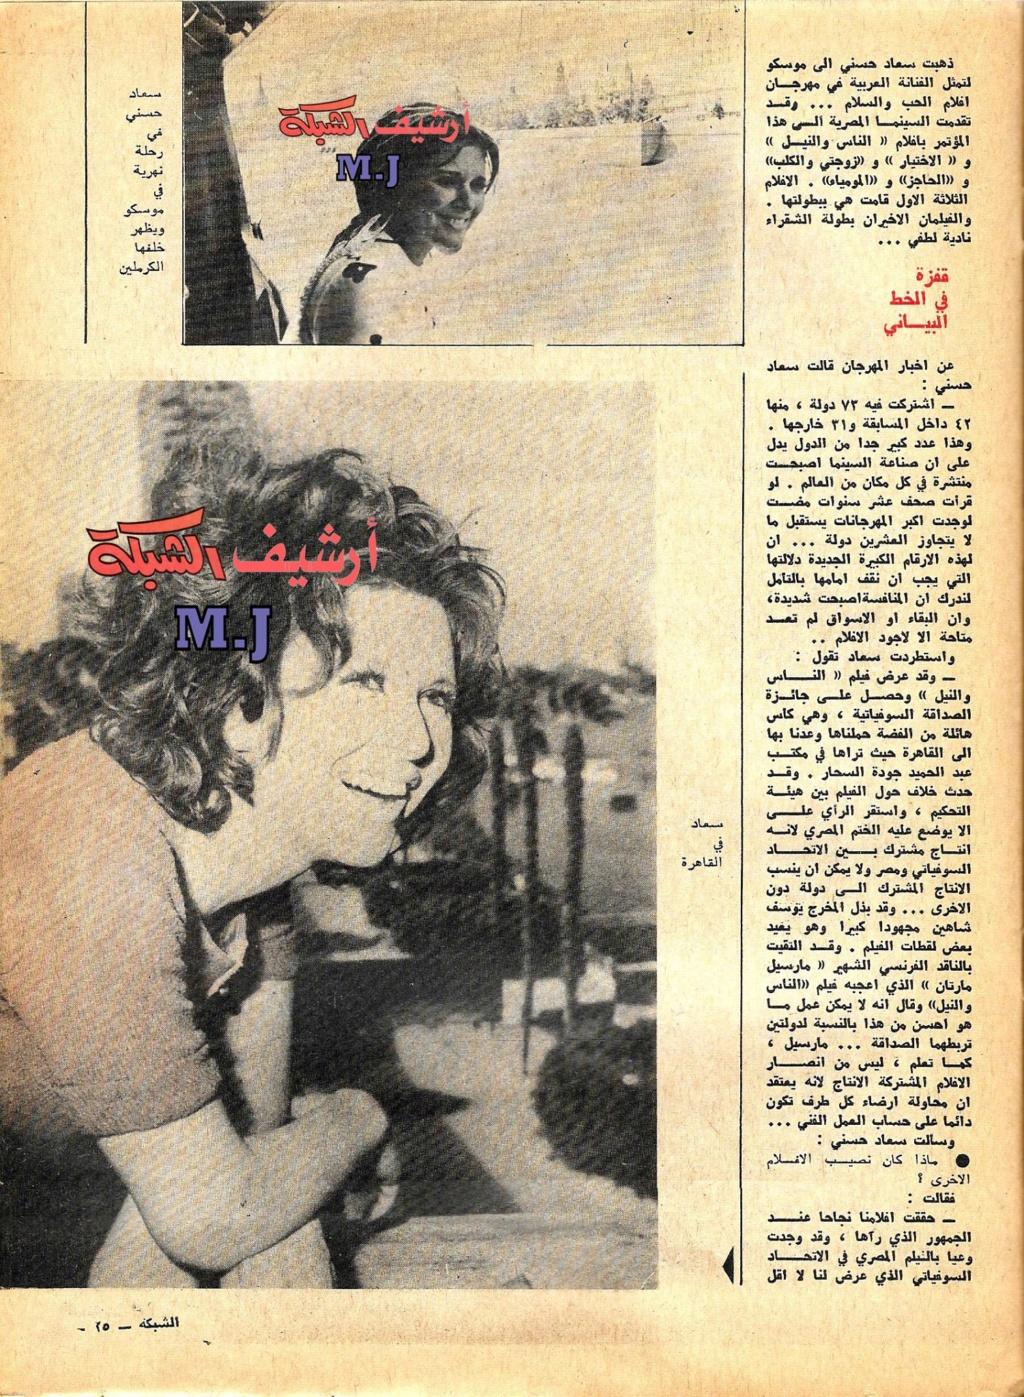 مقال صحفي : سعاد حسني العائدة من موسكو 1971 م 252